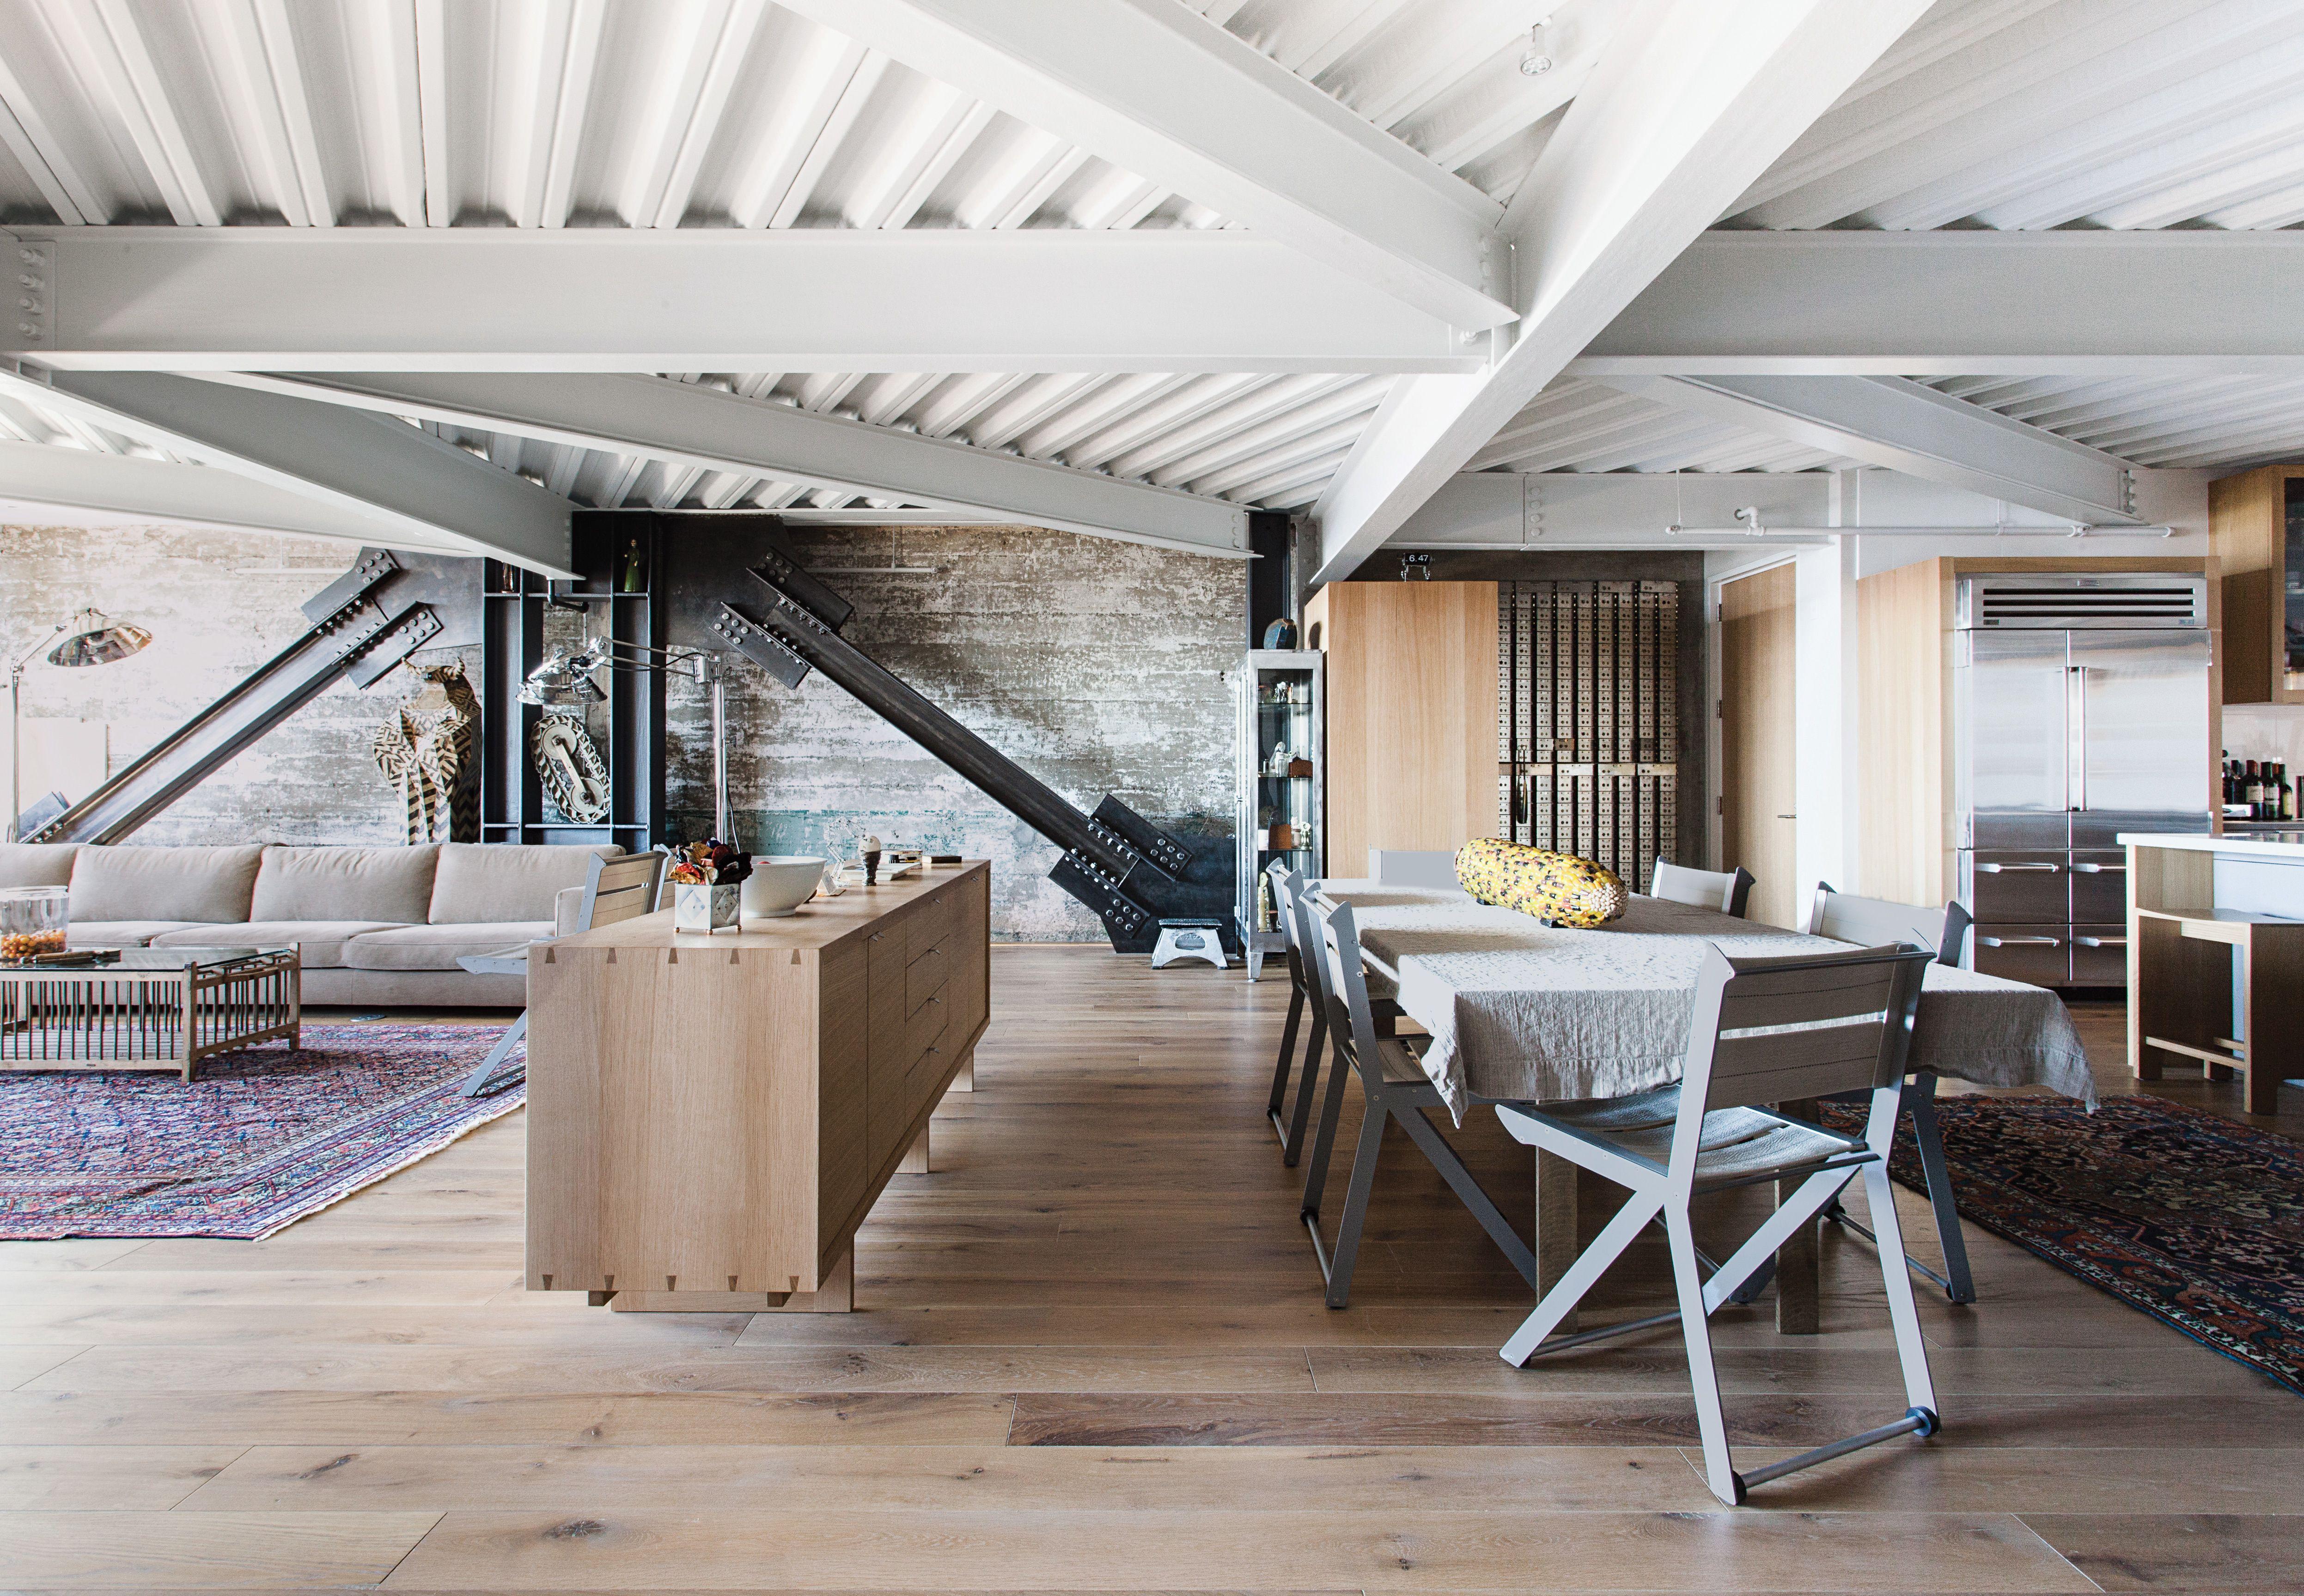 Photo 10 Of 25 In 25 Homes With Exposed Wood Beams Rustic To Modern Wood Beams White Oak Floors Steel Beams